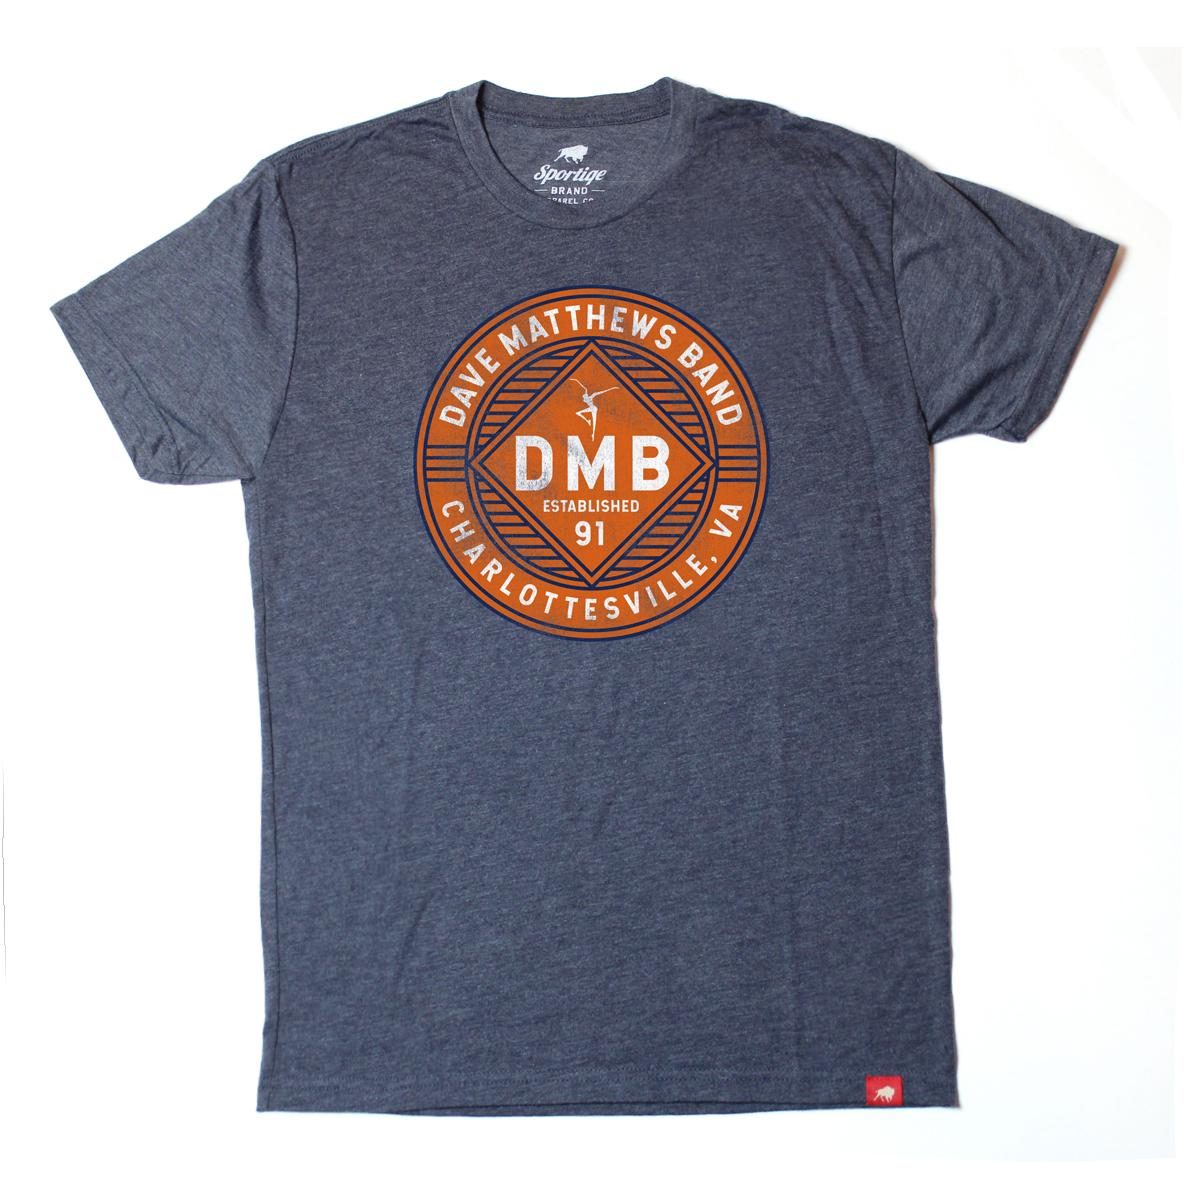 Navy DMB T-shirt